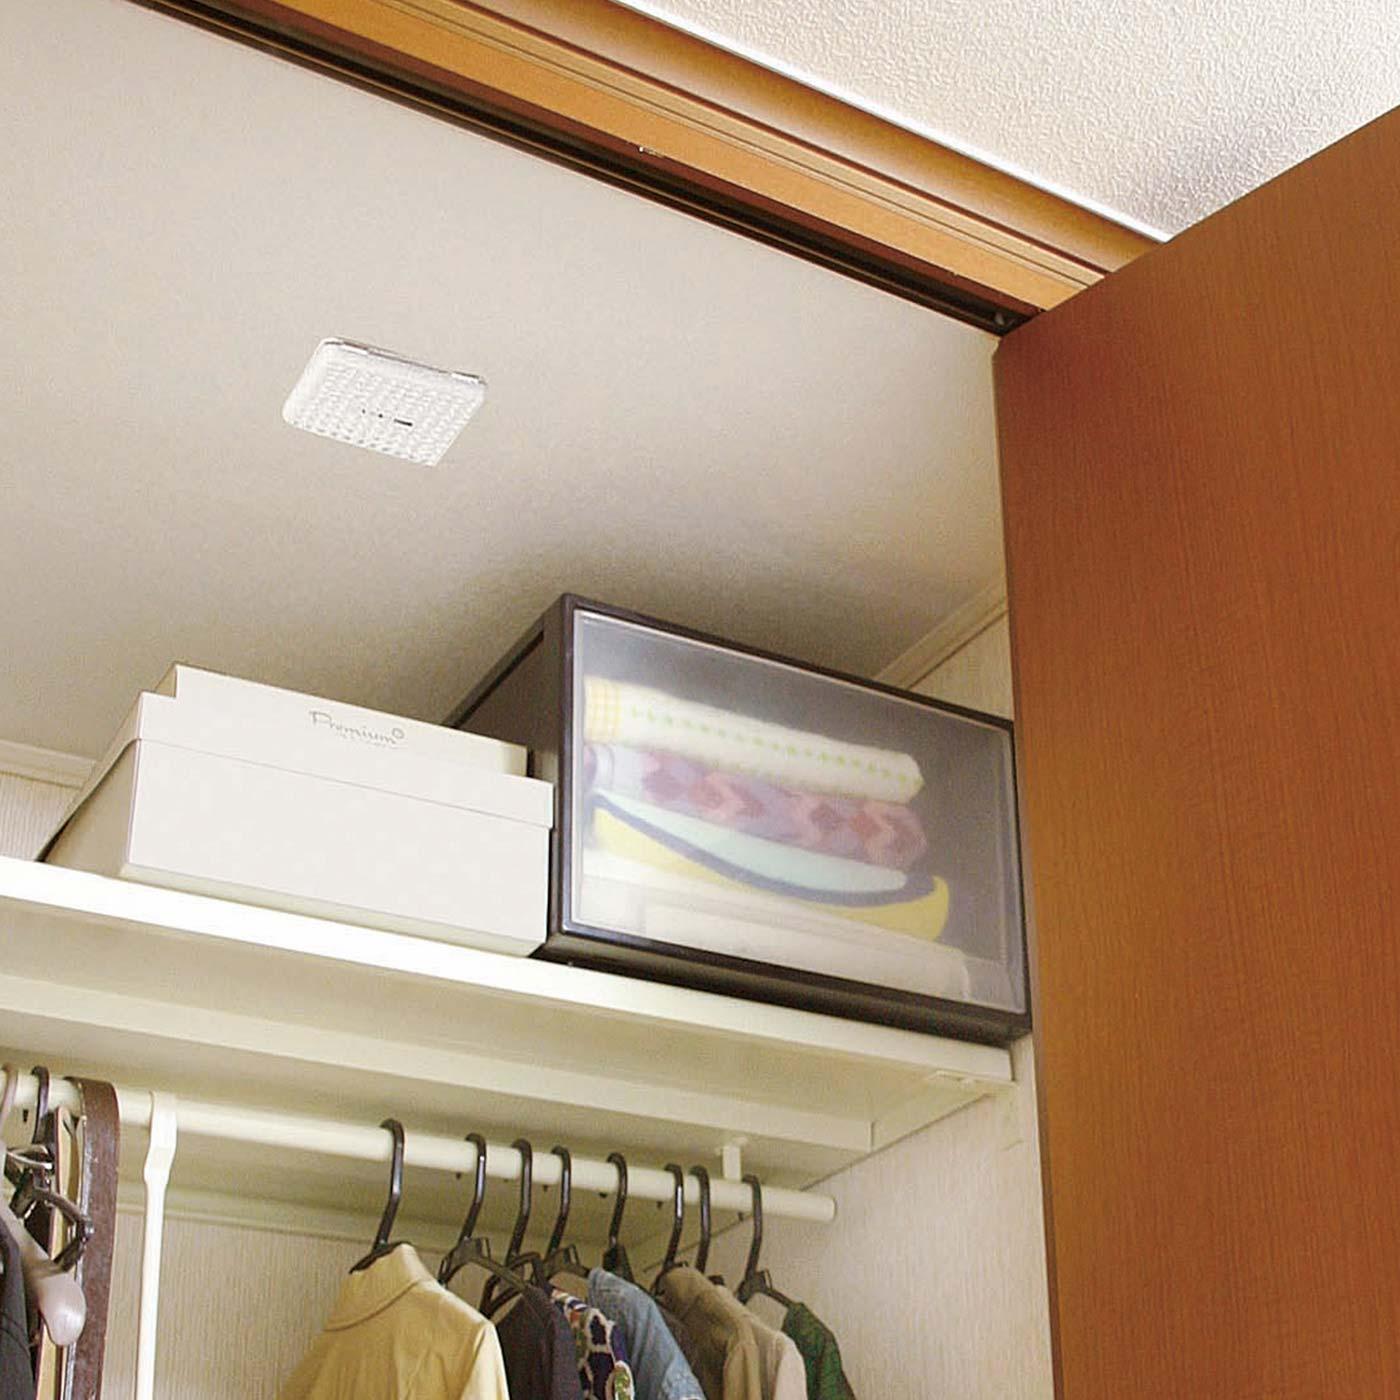 押し入れやクローゼットのカビ・におい対策で衣類や布団類の保管上手に。